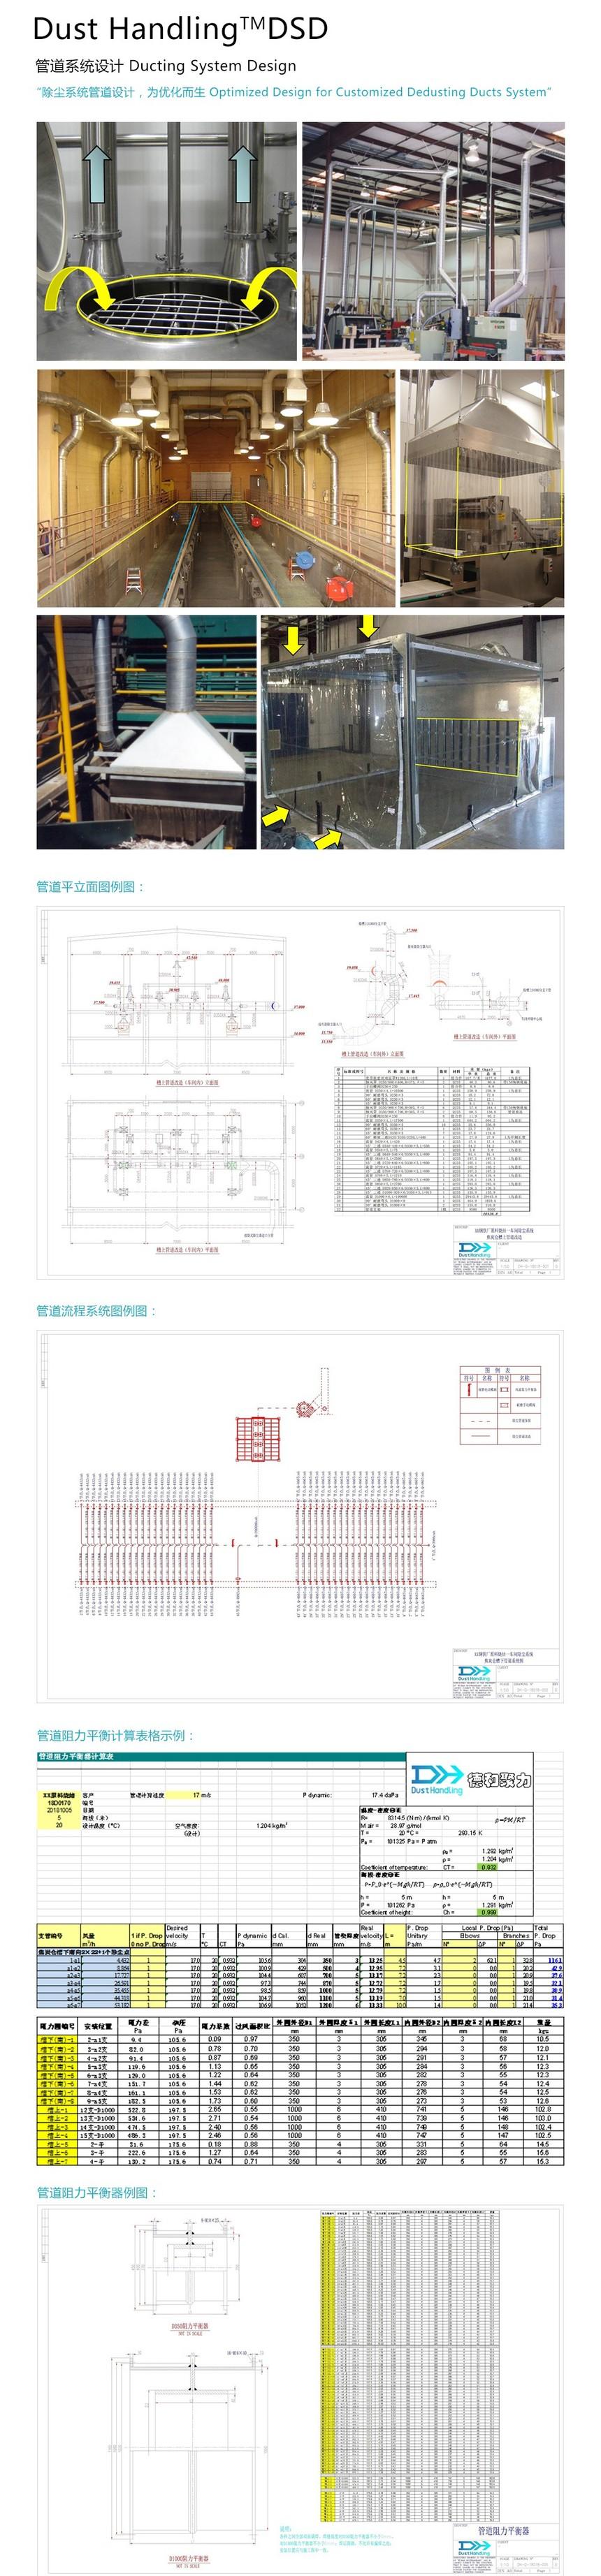 管道系统设计.jpg